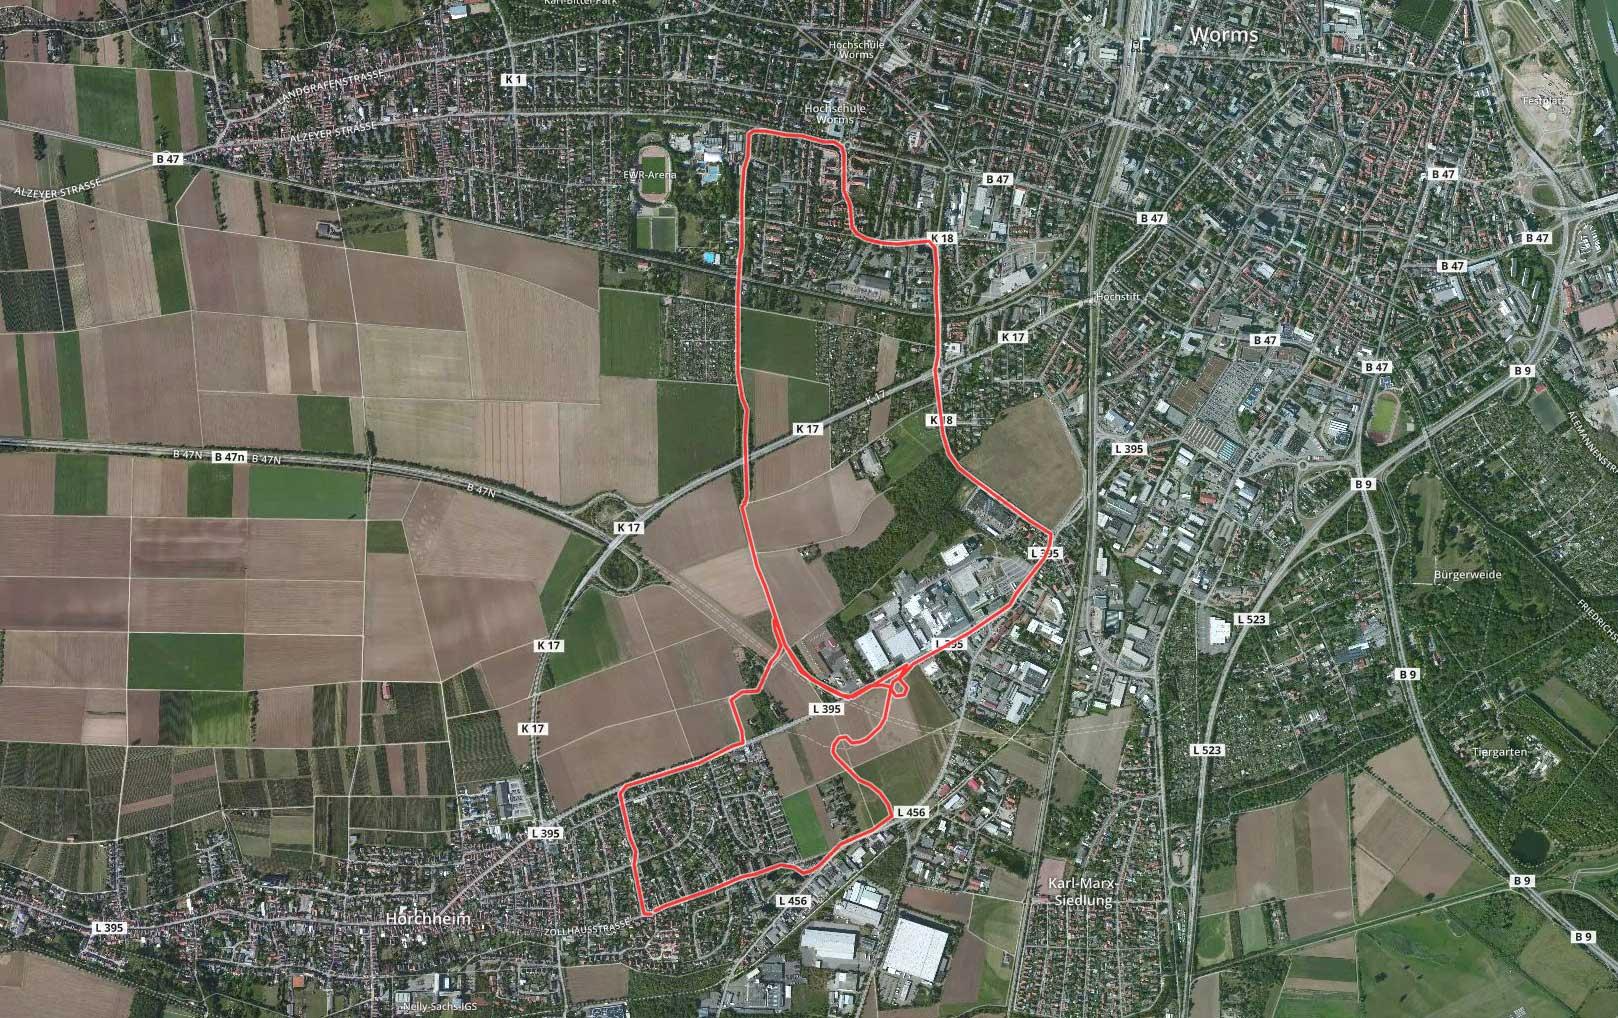 Inliner Track Horchheim - Worms - Horchheim